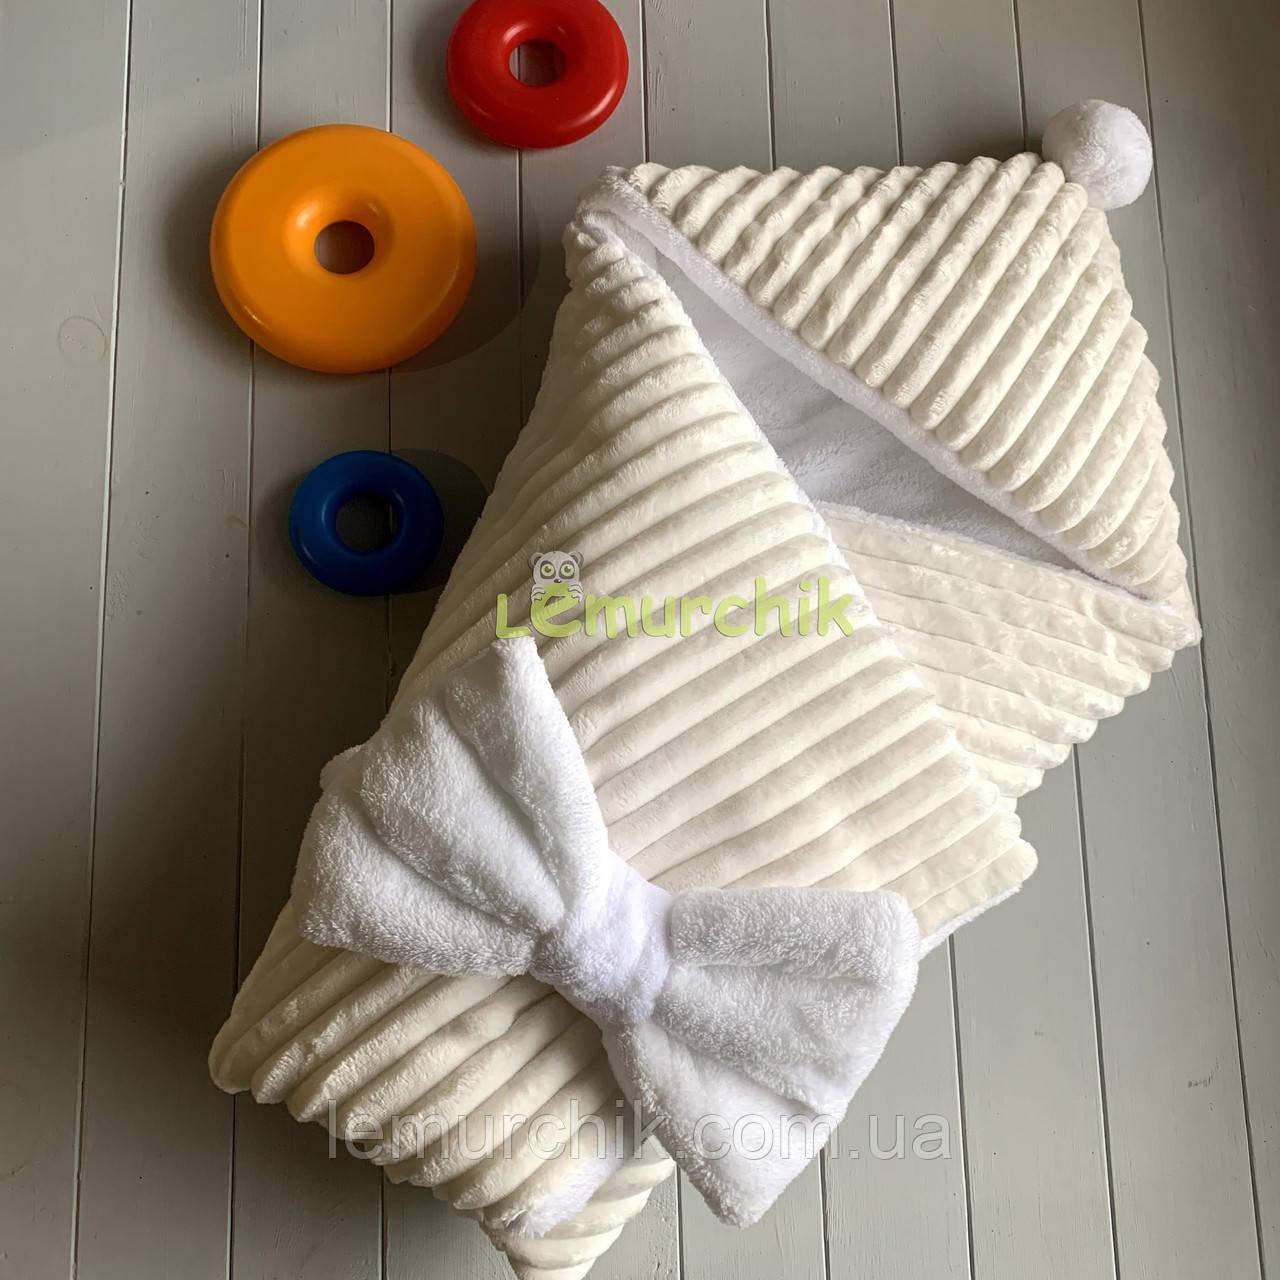 Конверт-ковдру минки на махре з капюшоном і бубончиком, молочний